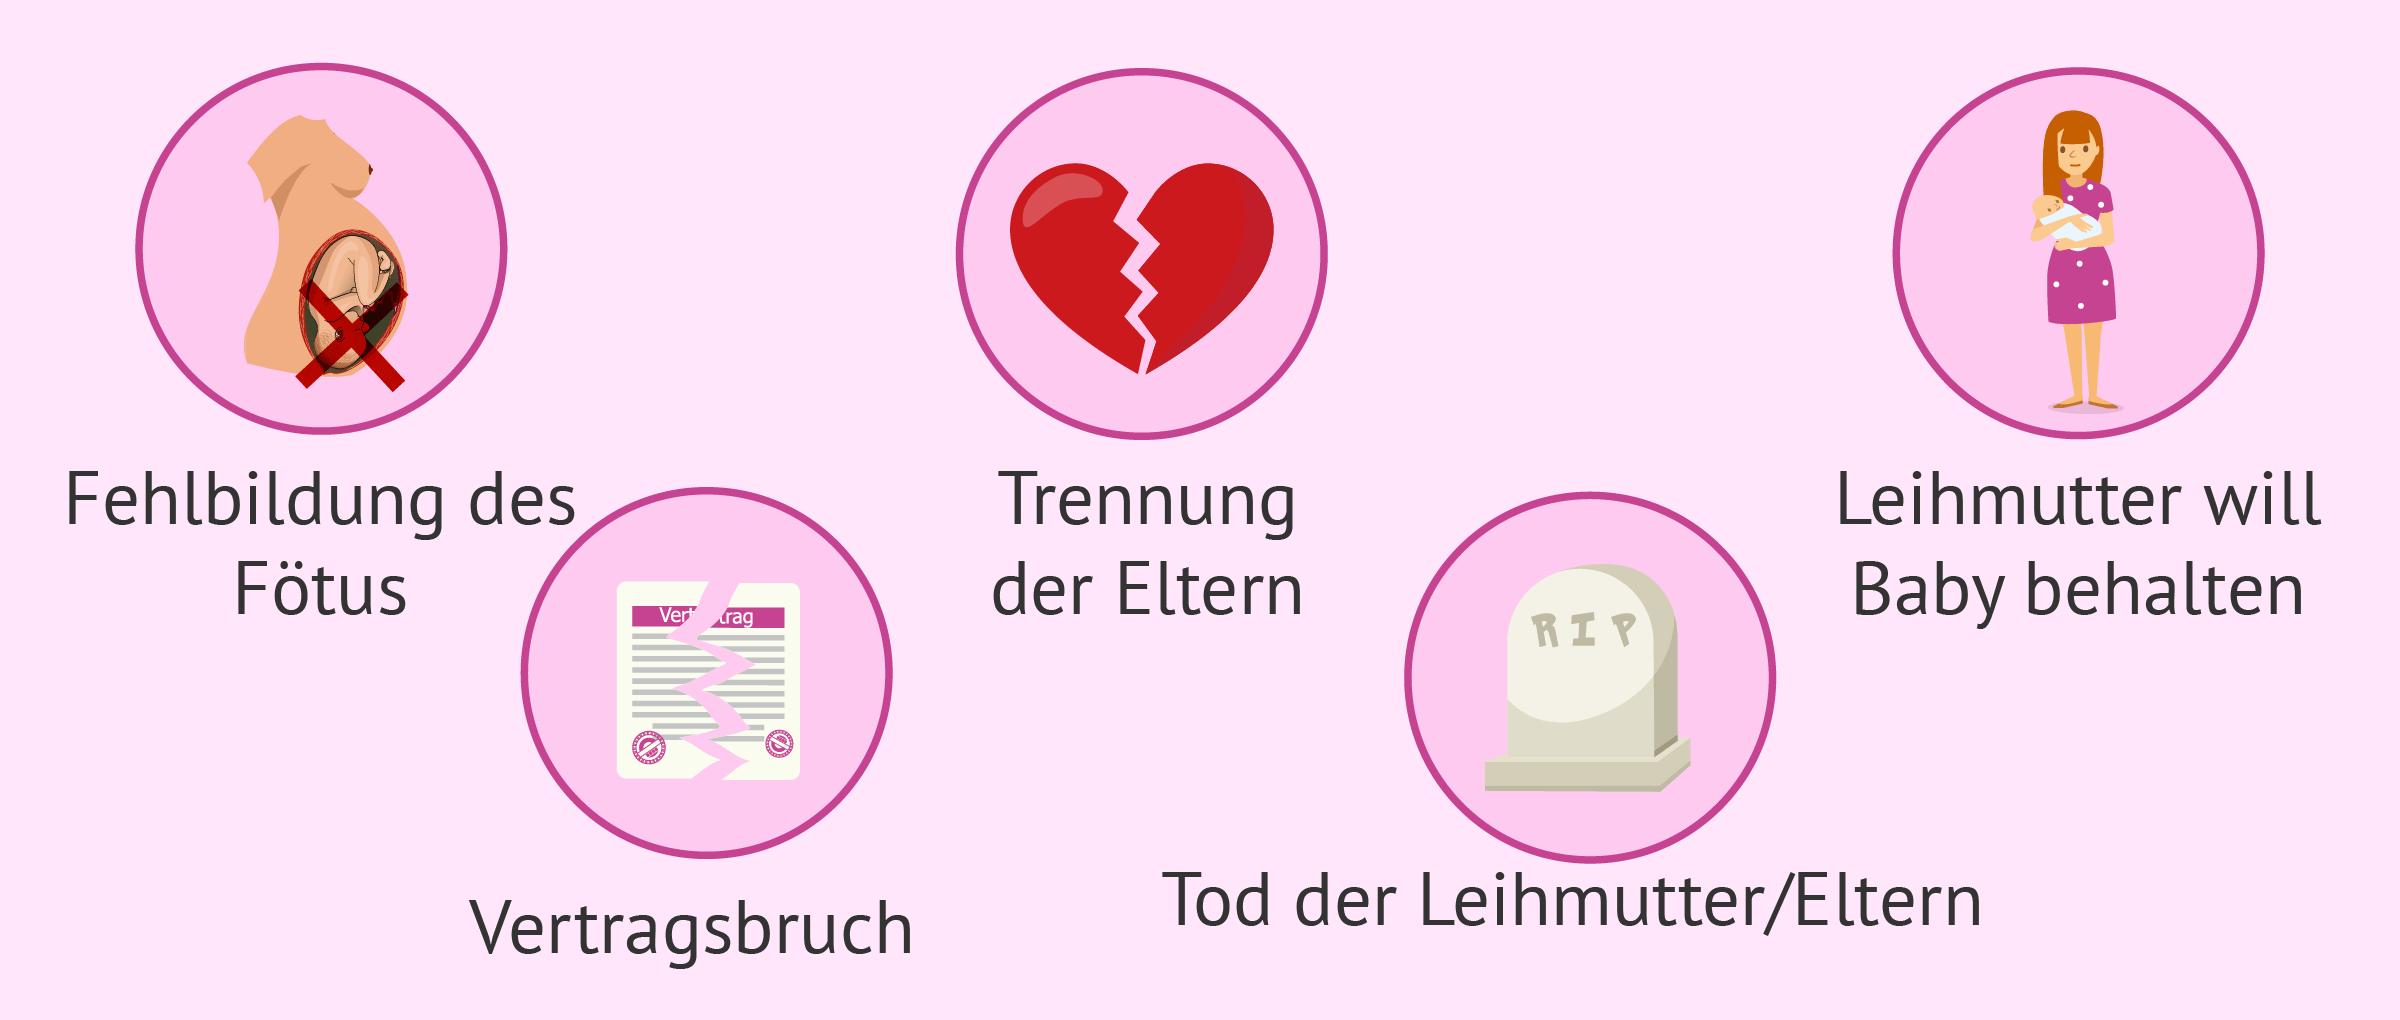 Welche Probleme können bei der Leihmutterschaft auftreten?